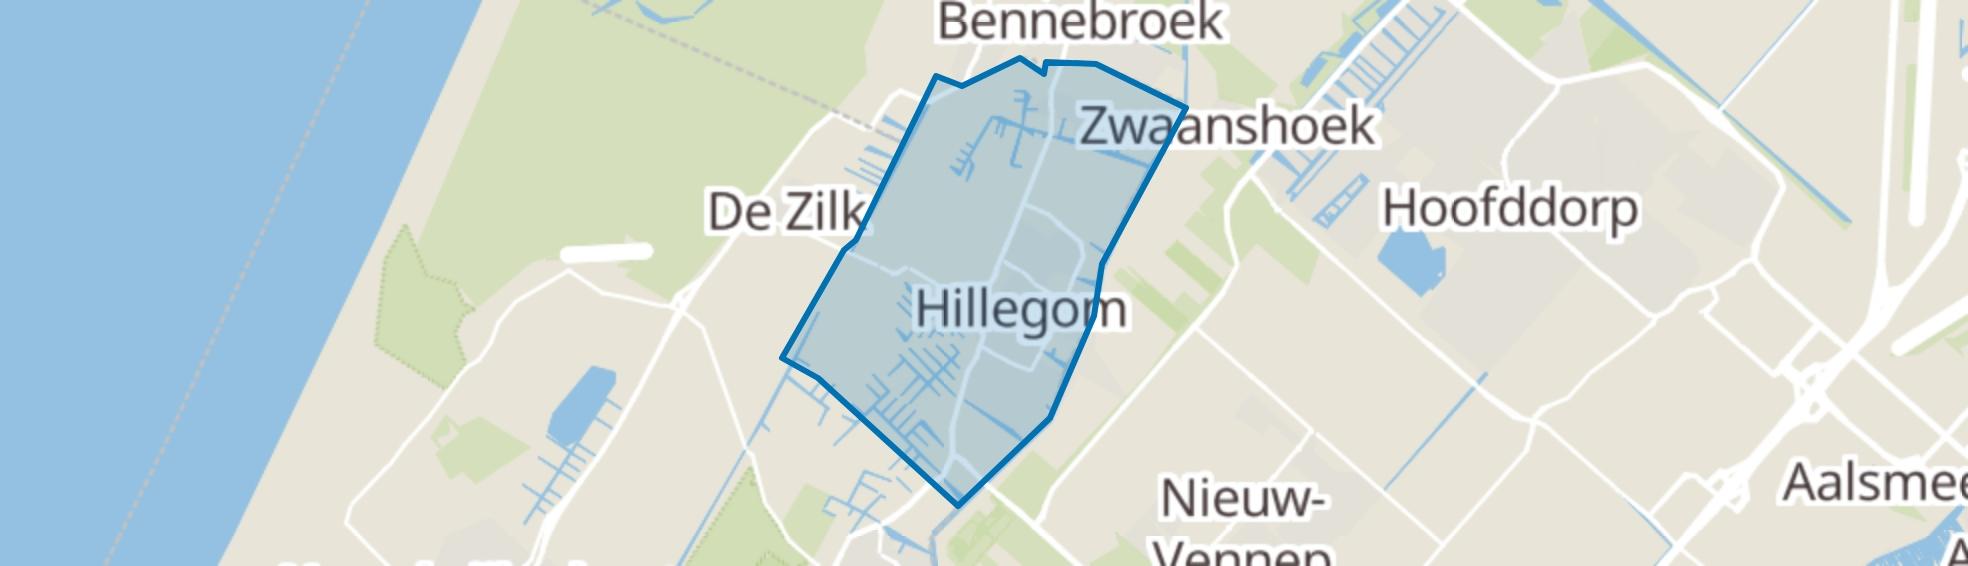 Hillegom map